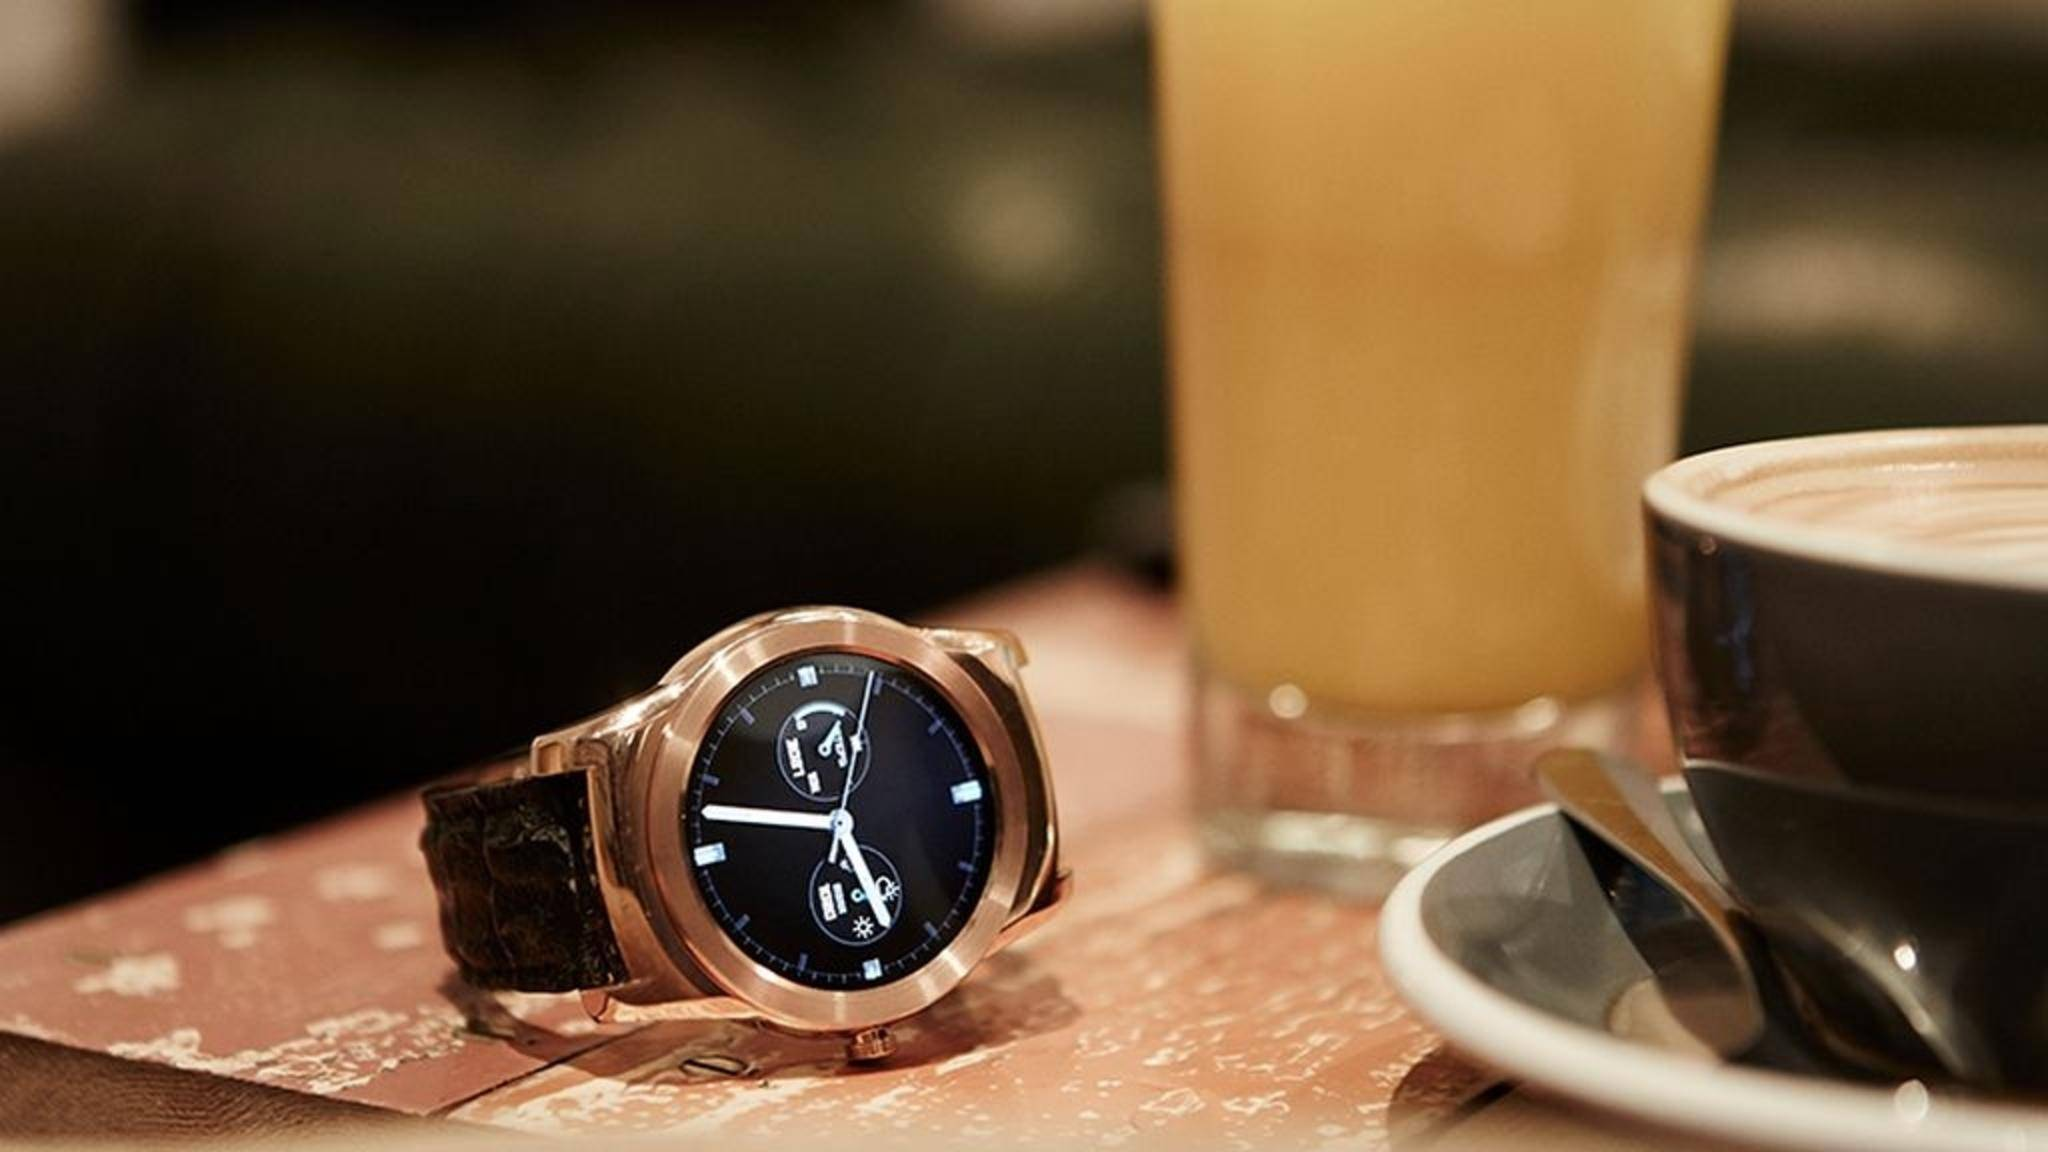 Die LG Watch Urbane bekommt Android Wear 2.0.